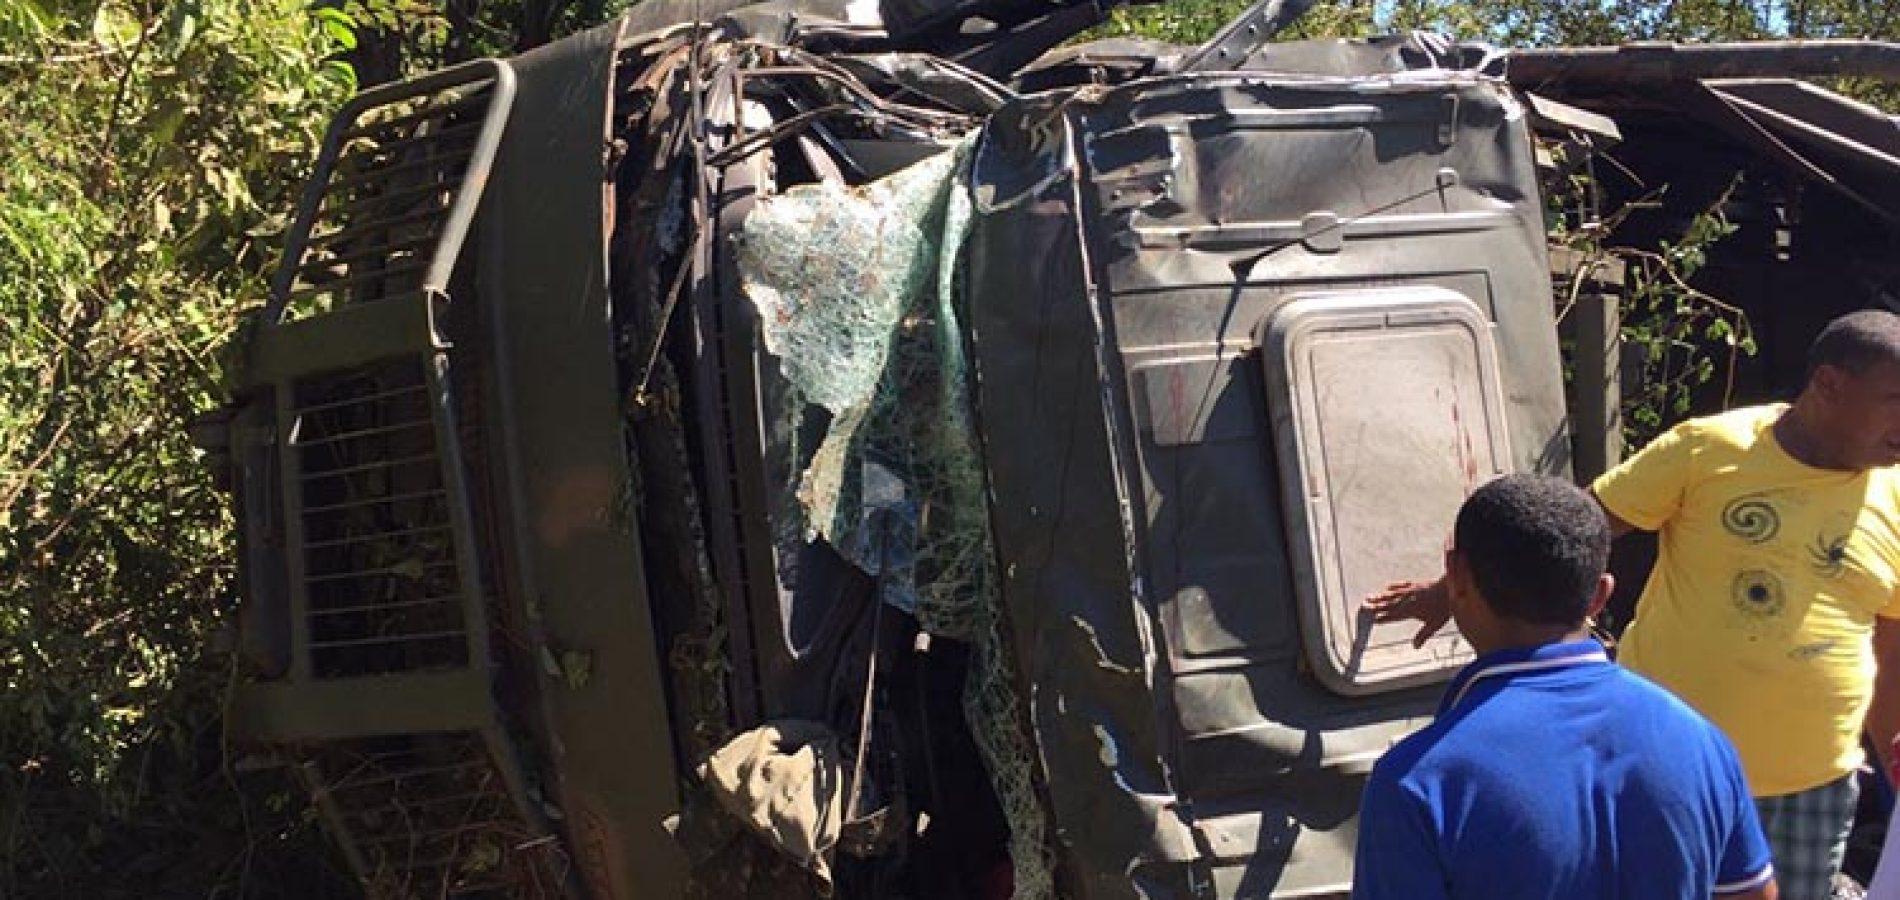 Caminhão do Exército com cerca de 30 militares tomba no Piauí e deixa um morto e vários feridos